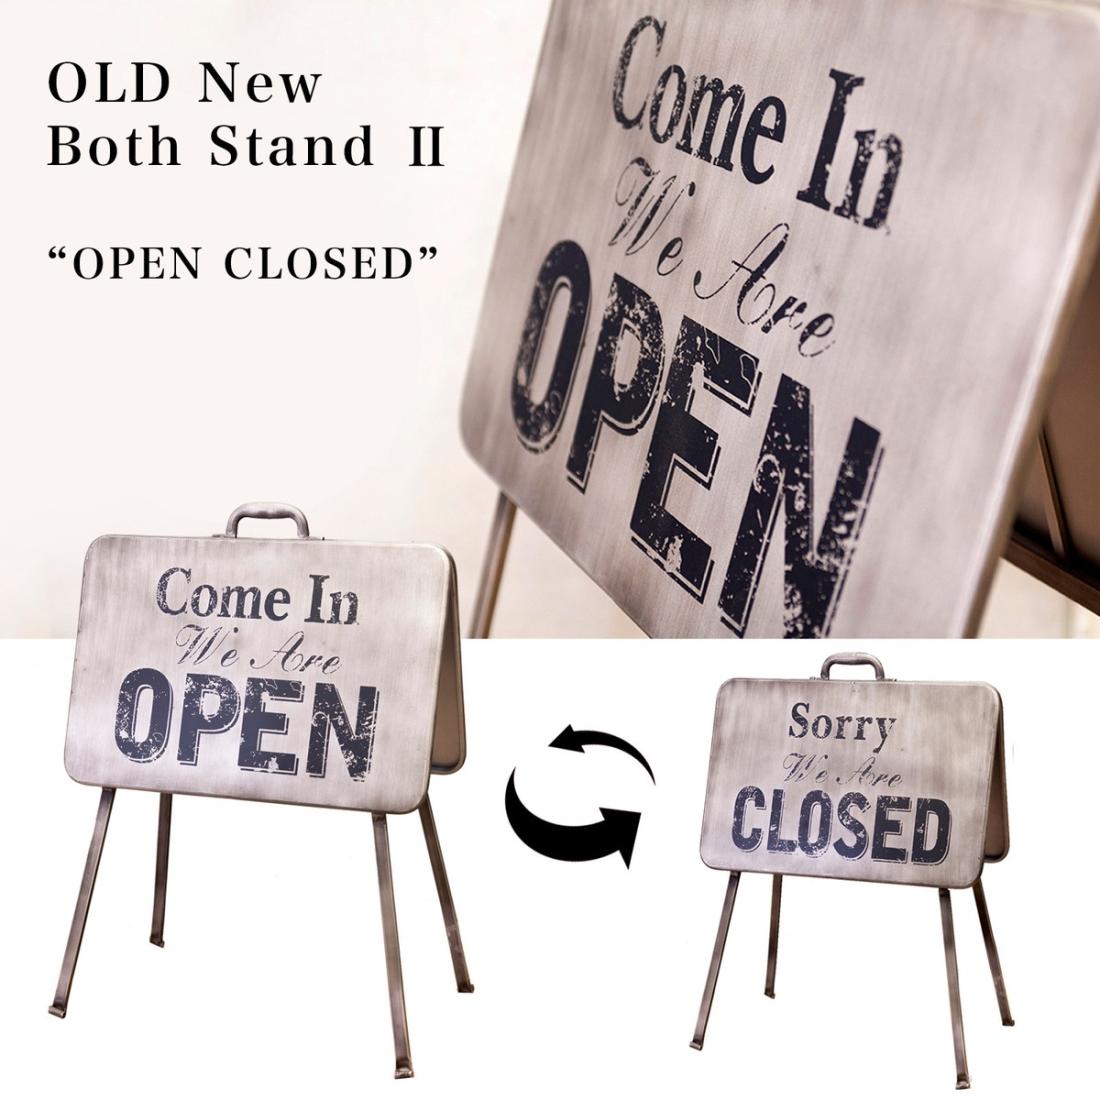 部屋 おしゃれ レトロ 家具 店舗 看板 立て看板 Both スタンドプレートII OPEN&CLOSED 両面タイプ 店舗用